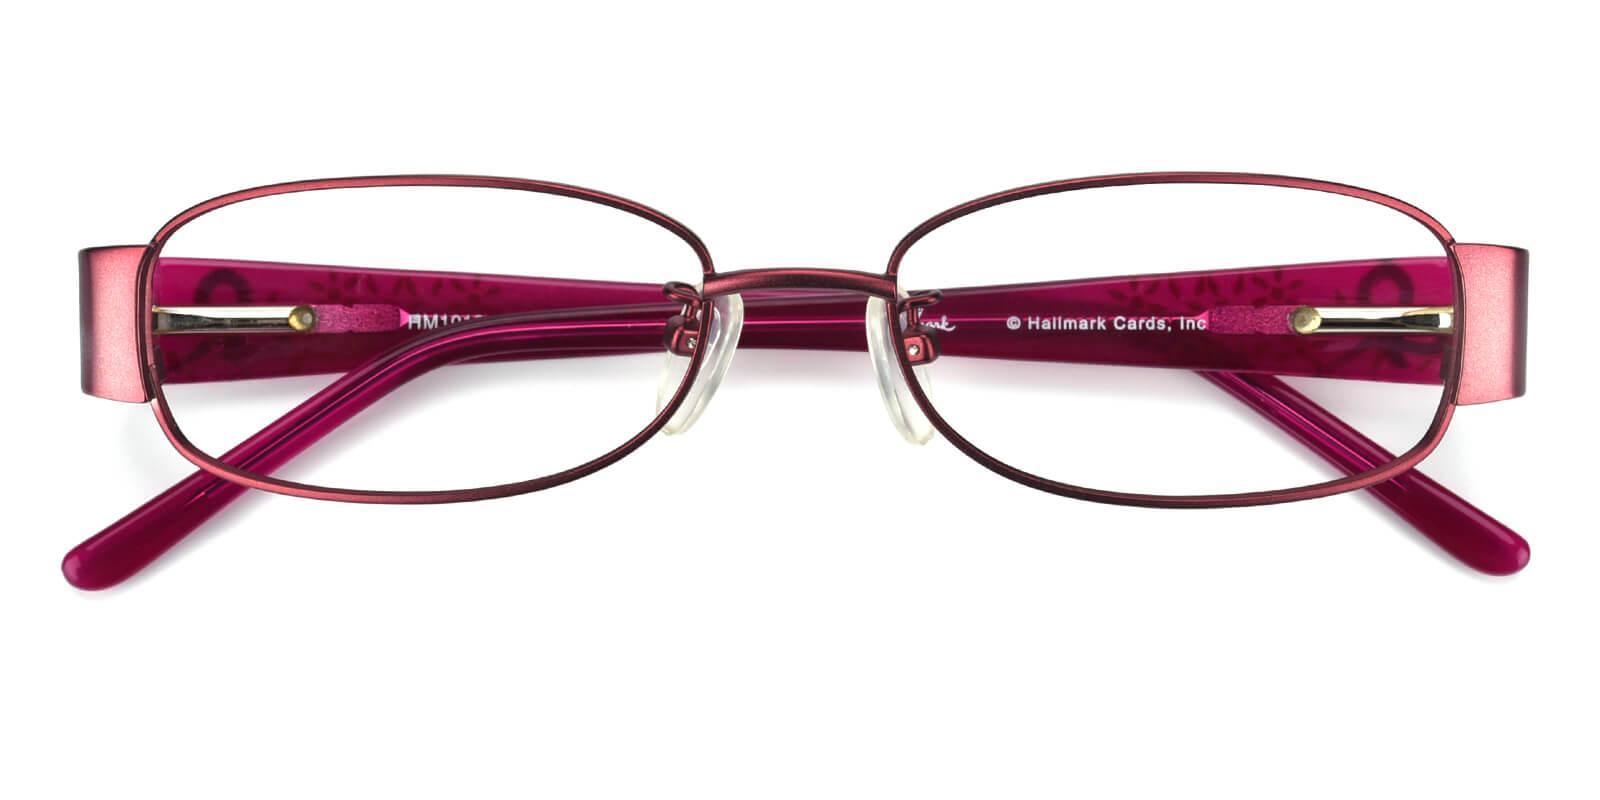 Janniey-Purple-Rectangle-Metal-Eyeglasses-detail